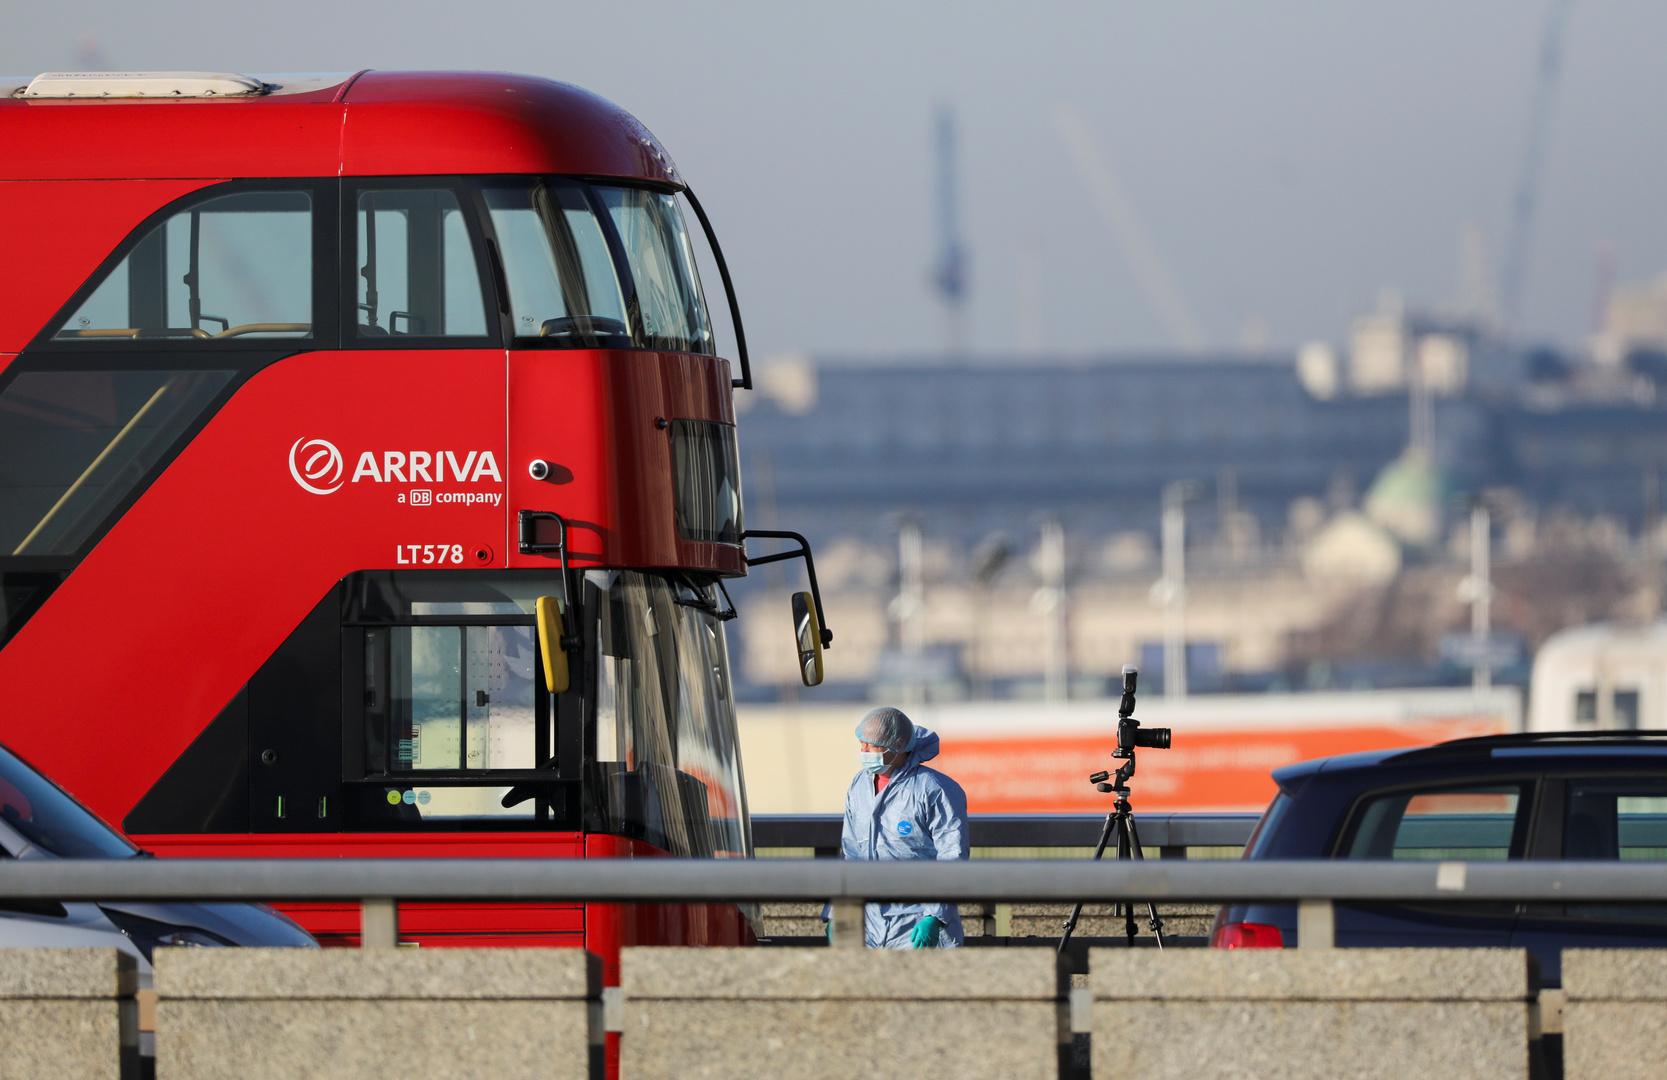 محبط هجوم جسر لندن: سياسات ترامب تغذي الإرهاب وقد تجلب اعتداءات جديدة